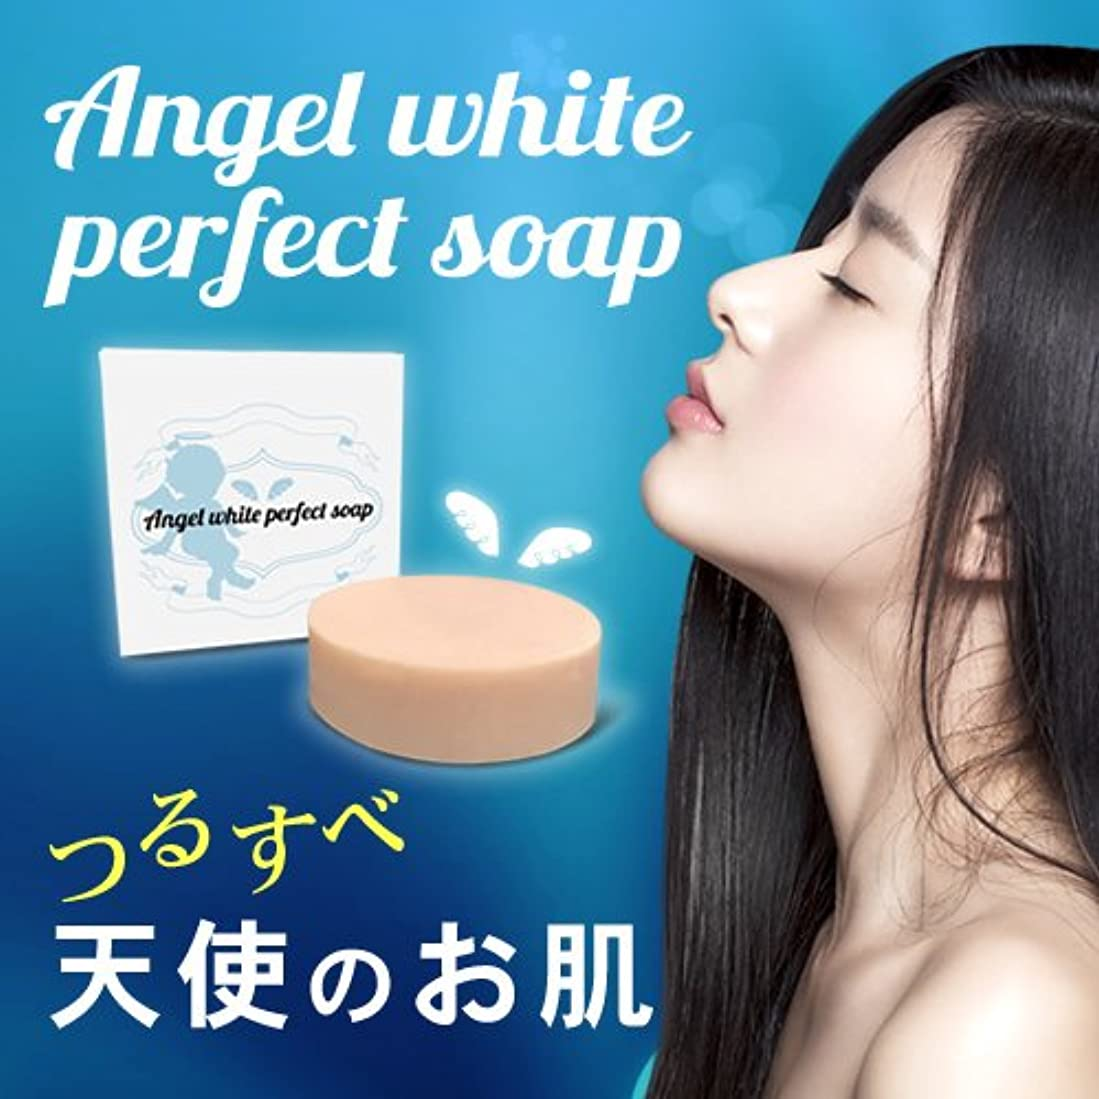 直面する花伸ばすAngel White Perfect Soap(エンジェルホワイトパーフェクトソープ) 美白 美白石けん 美肌 洗顔石鹸